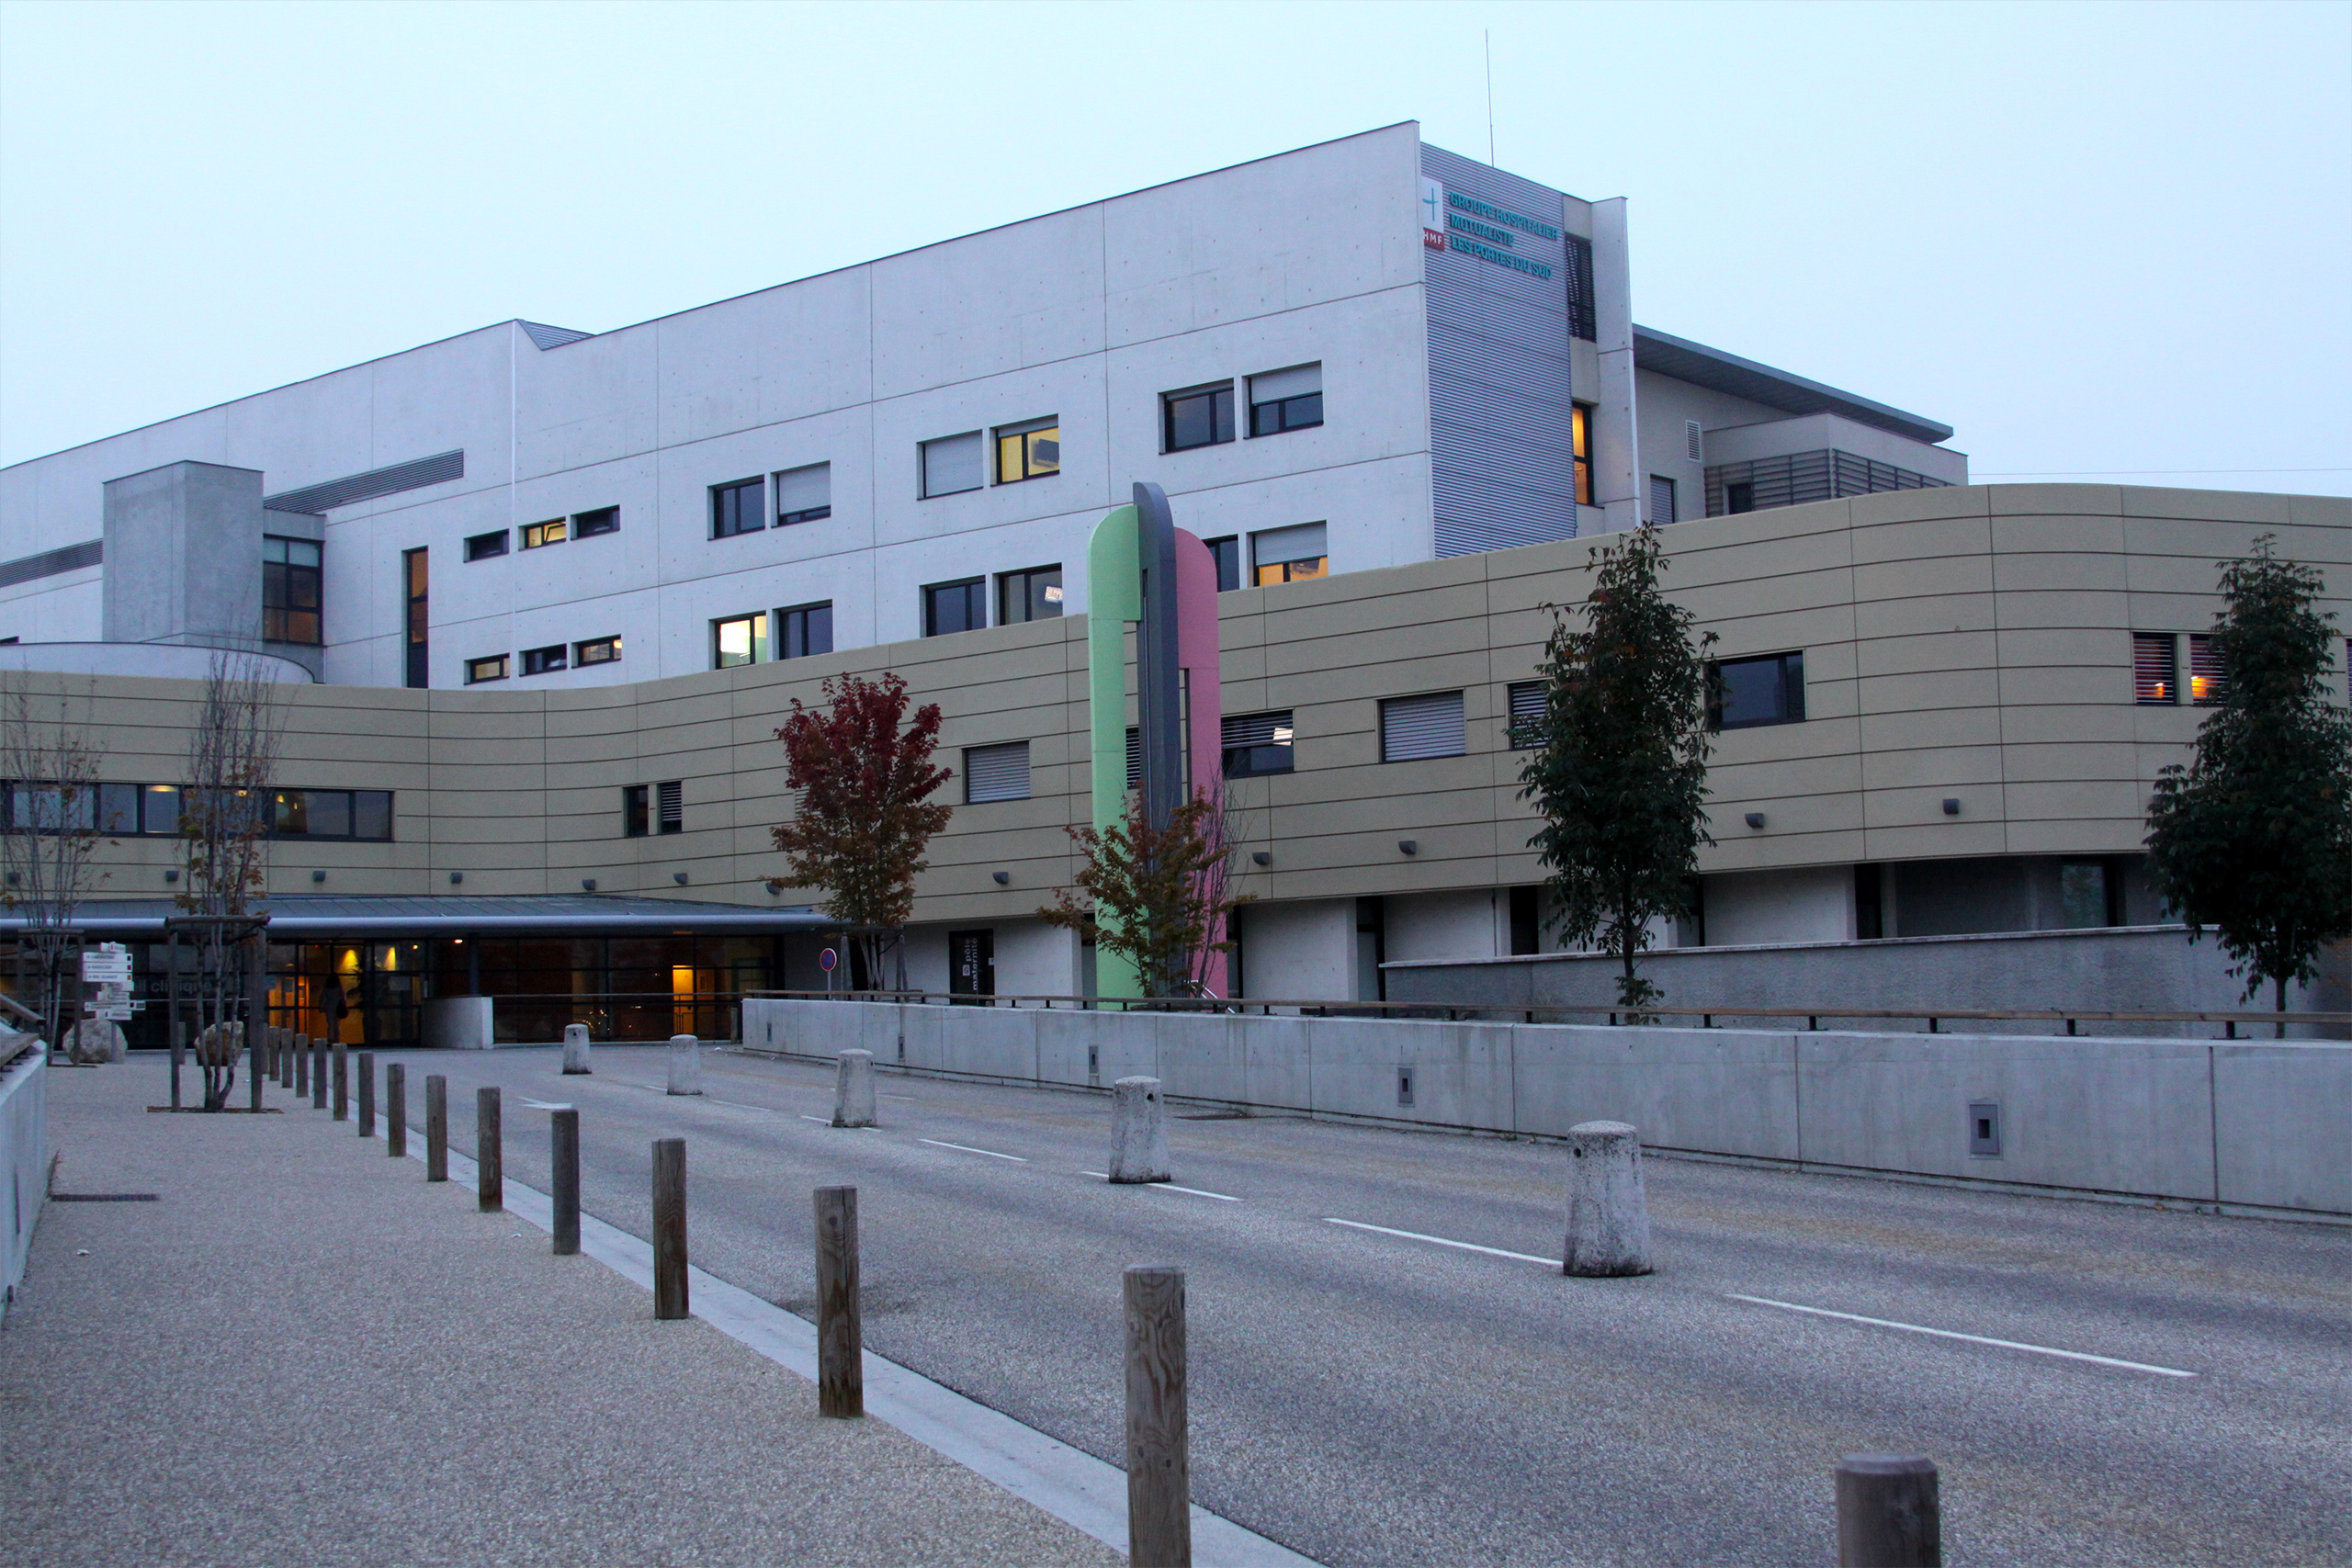 Maternit du groupe hospitalier mutualiste les portes du sud kopines - Groupe hospitalier les portes du sud ...